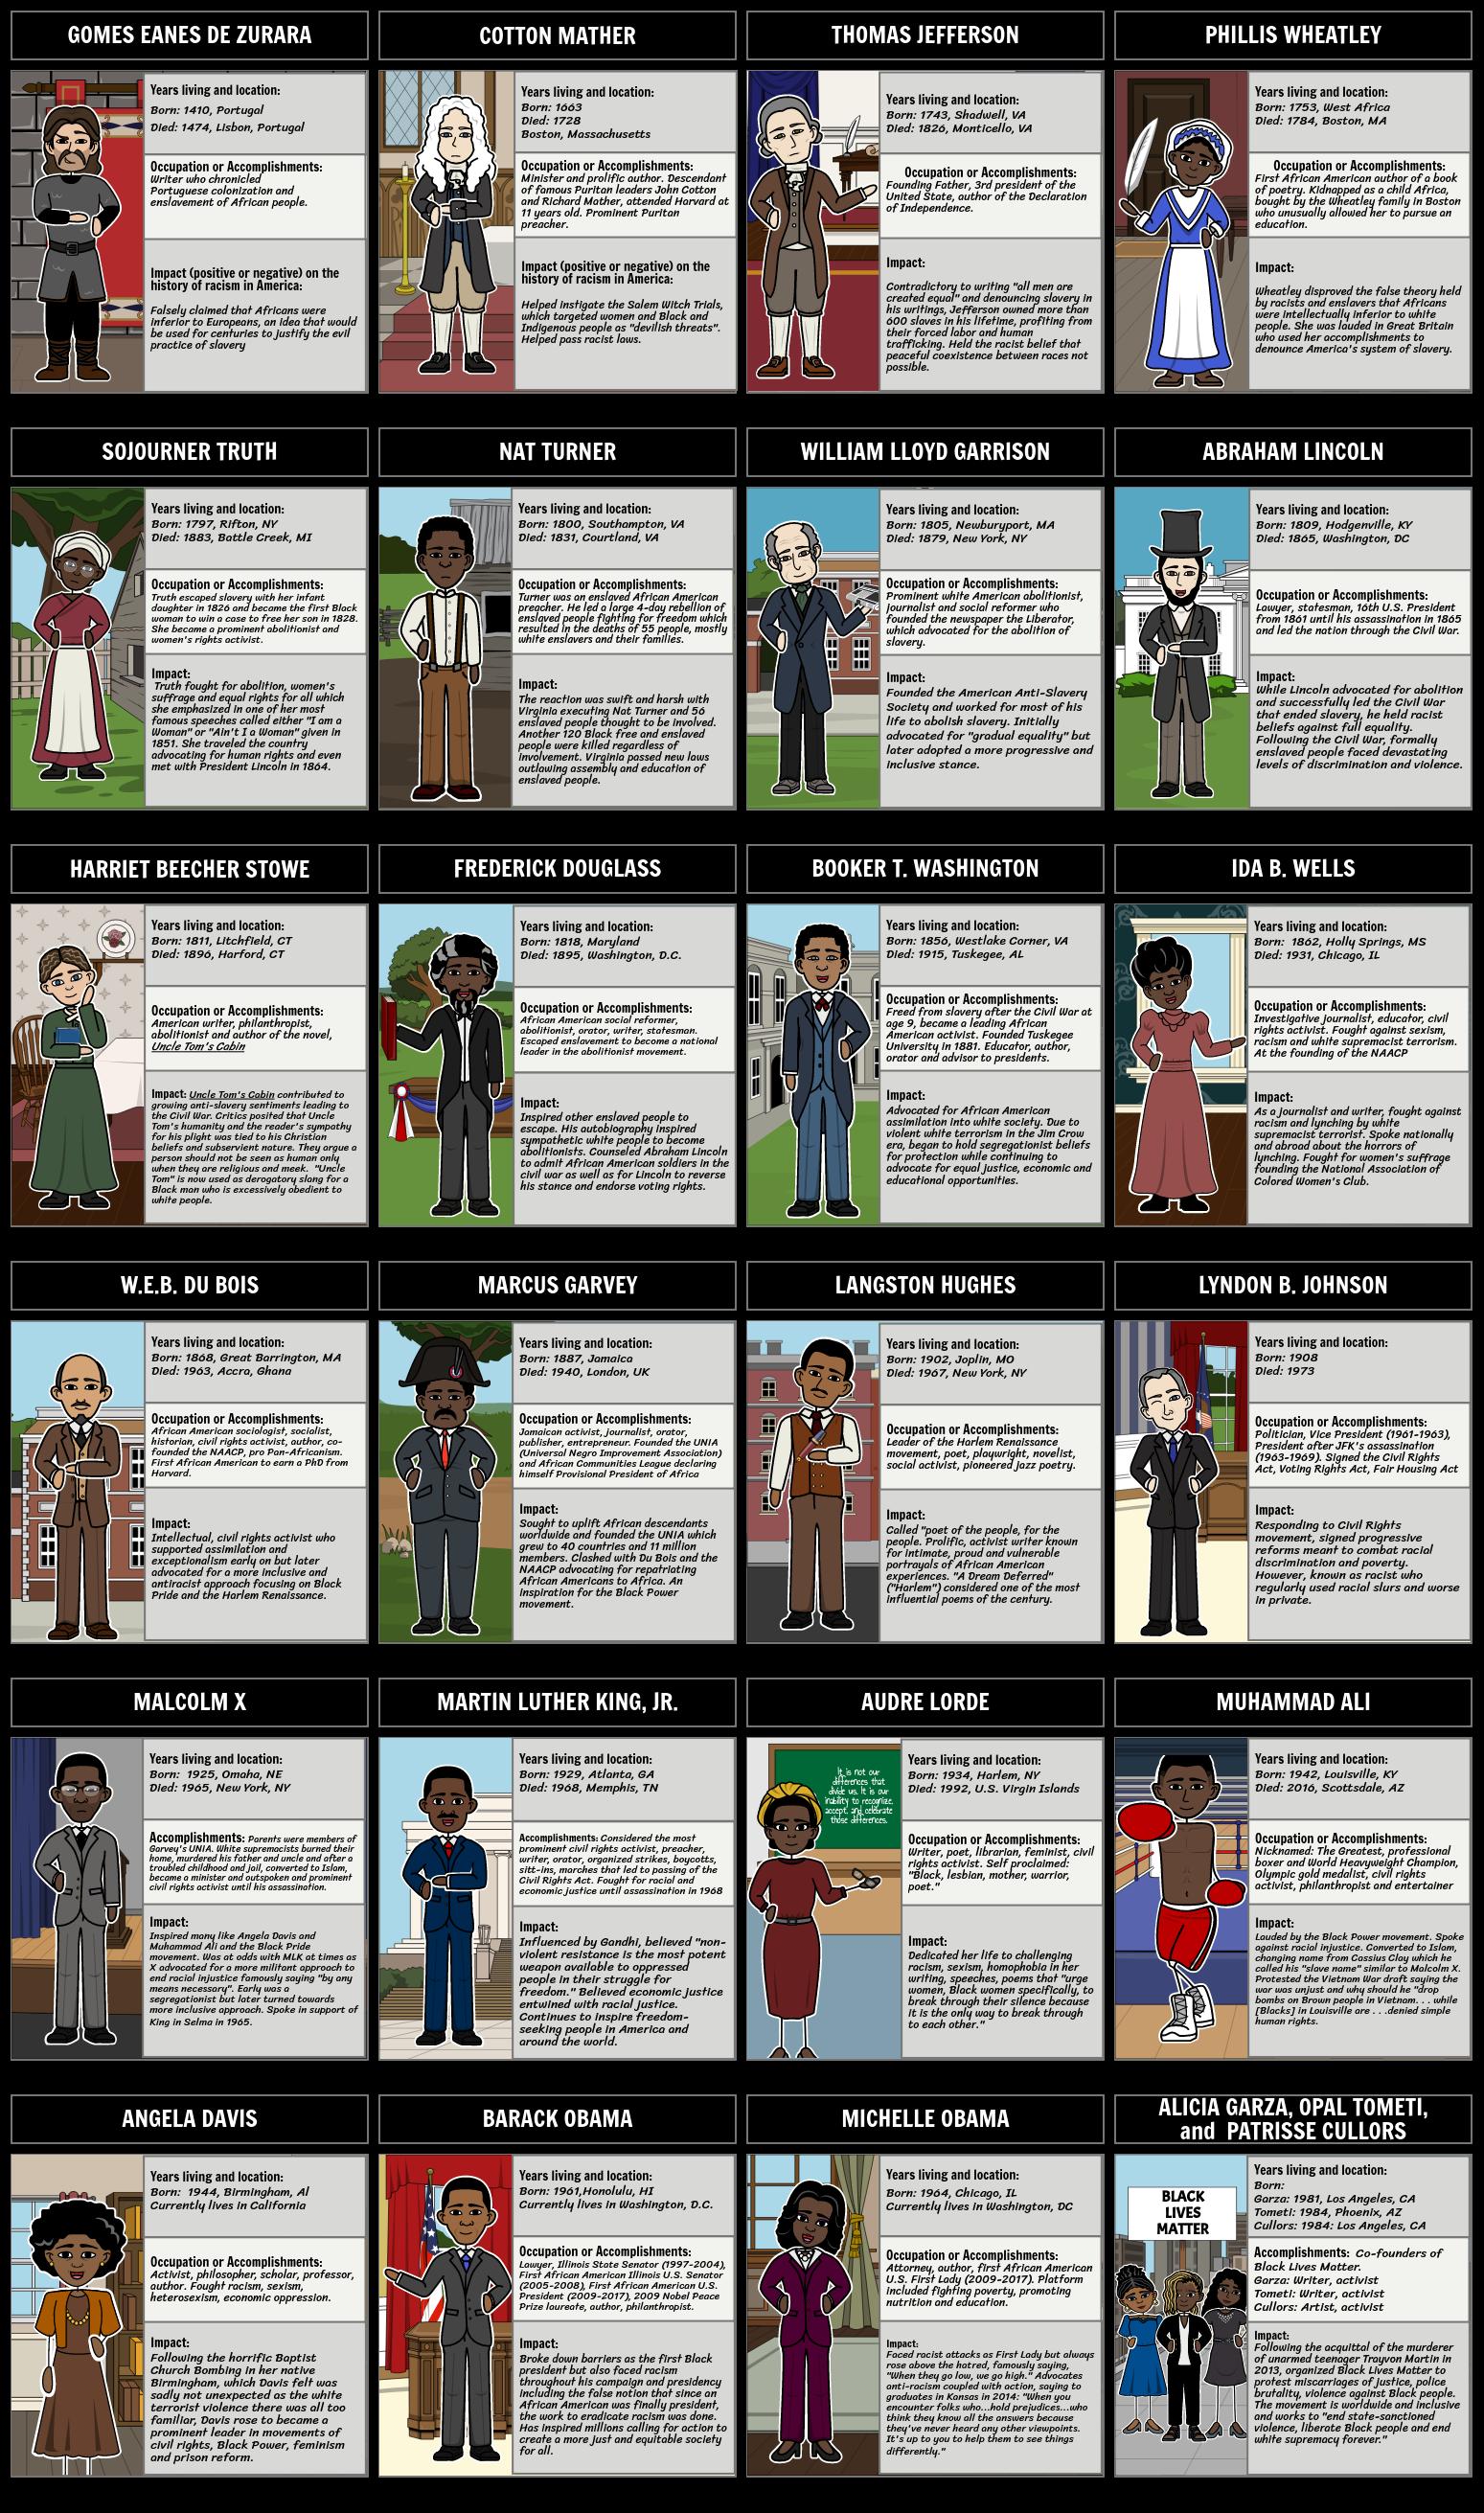 Tembeldatud: rassism, antirasism ja sina: ajaloolised inimesed